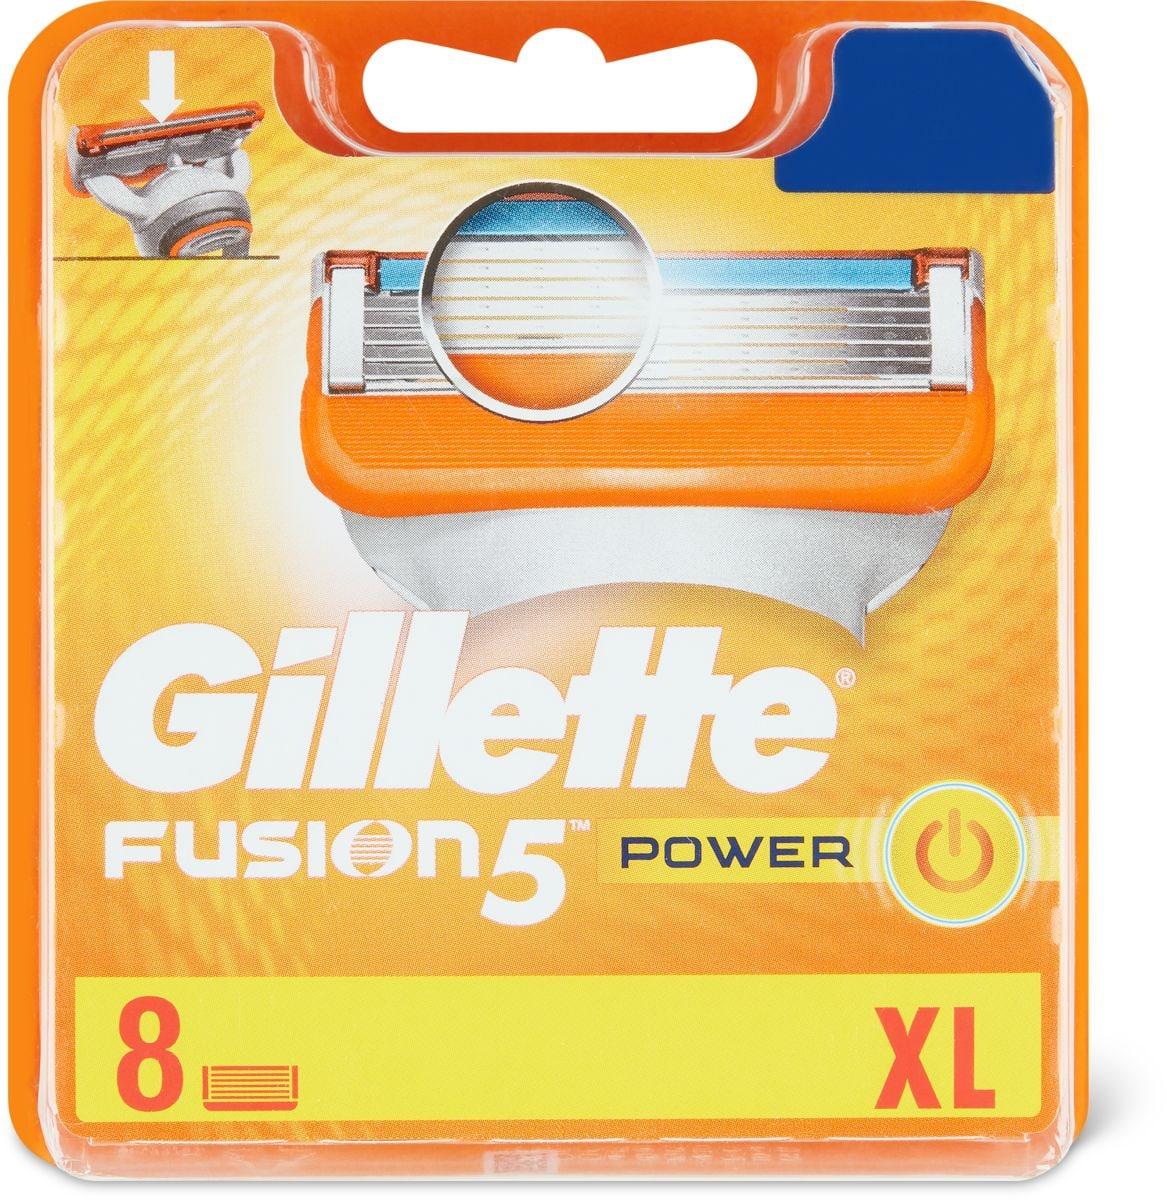 Gillette FusionPower Lames de rechange